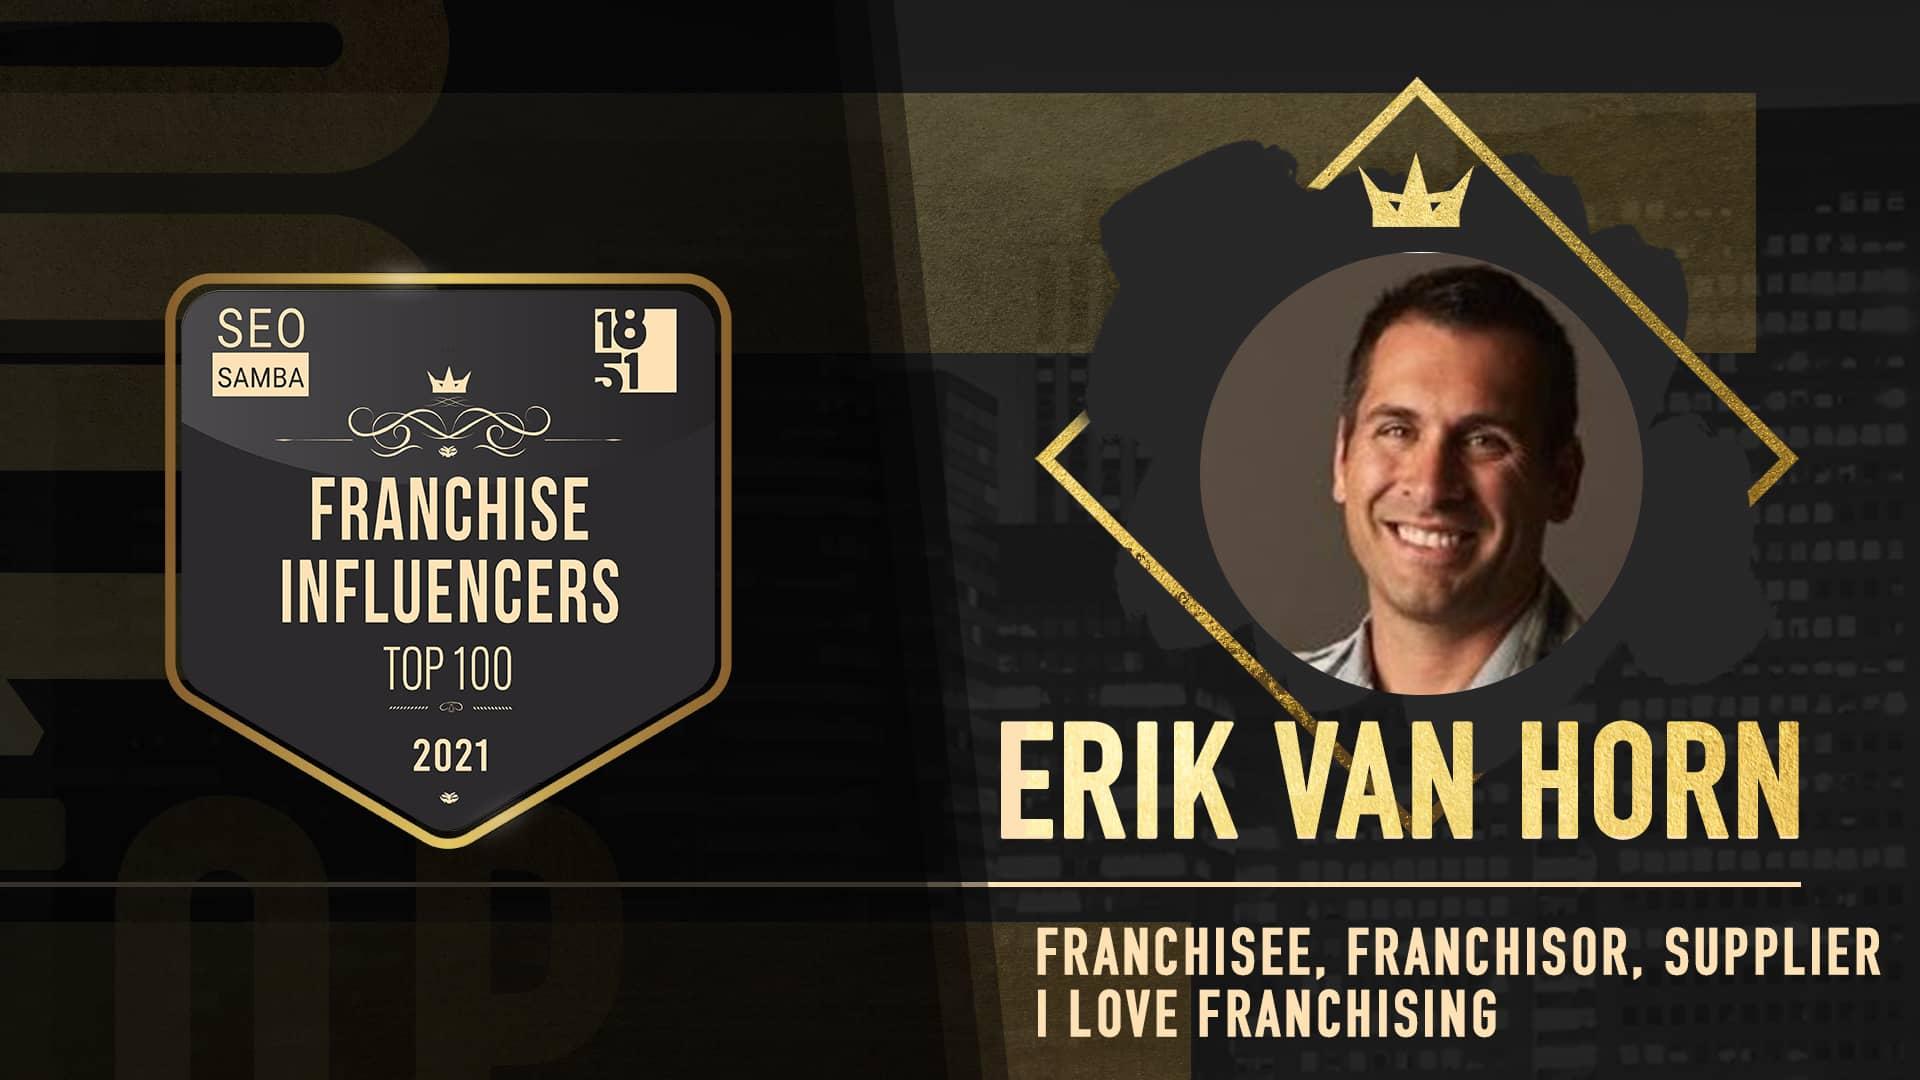 Erik Van Horn - I Love Franchising